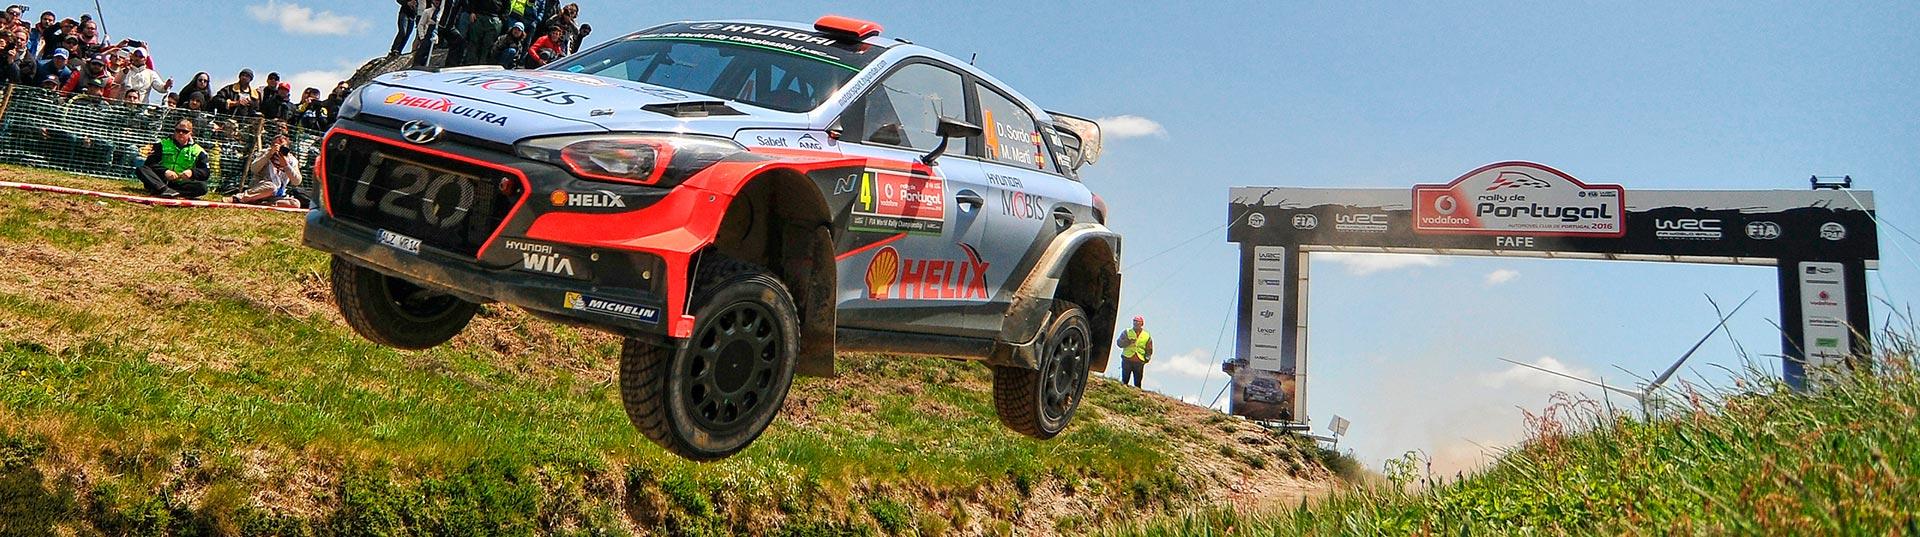 Salto de Fafe - Rally de Portugal